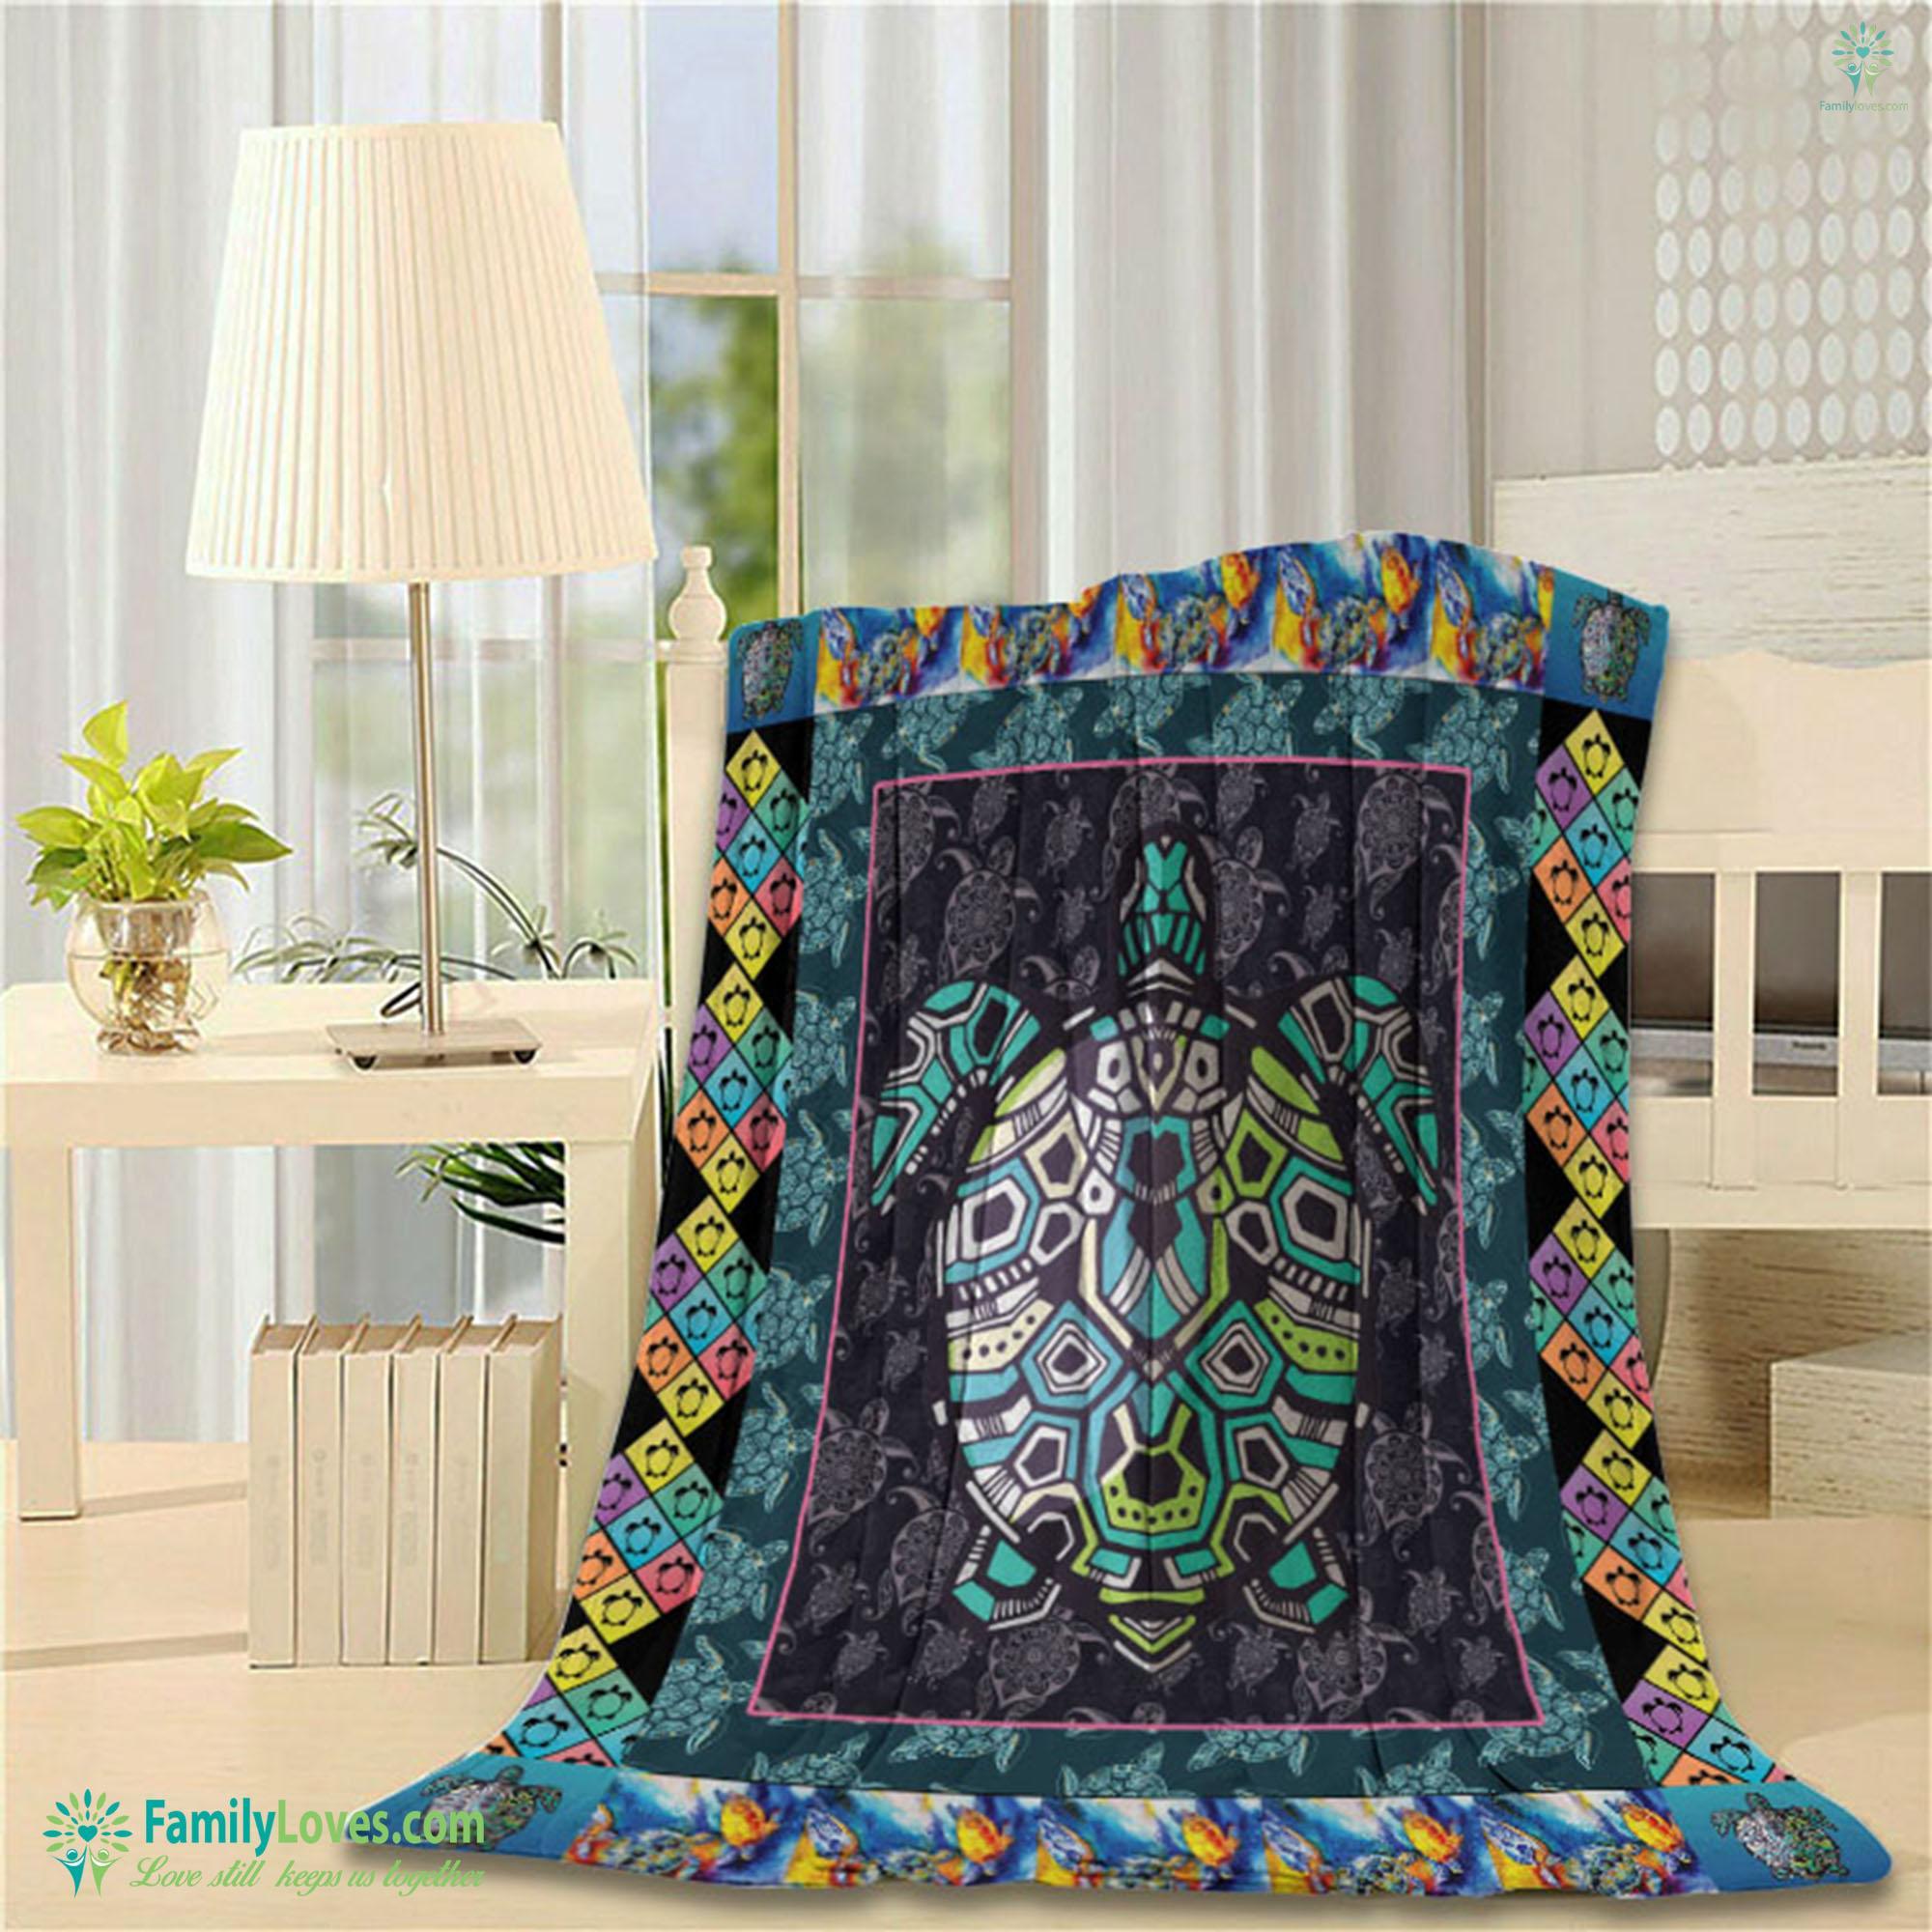 Turtle Blanket 19 Familyloves.com